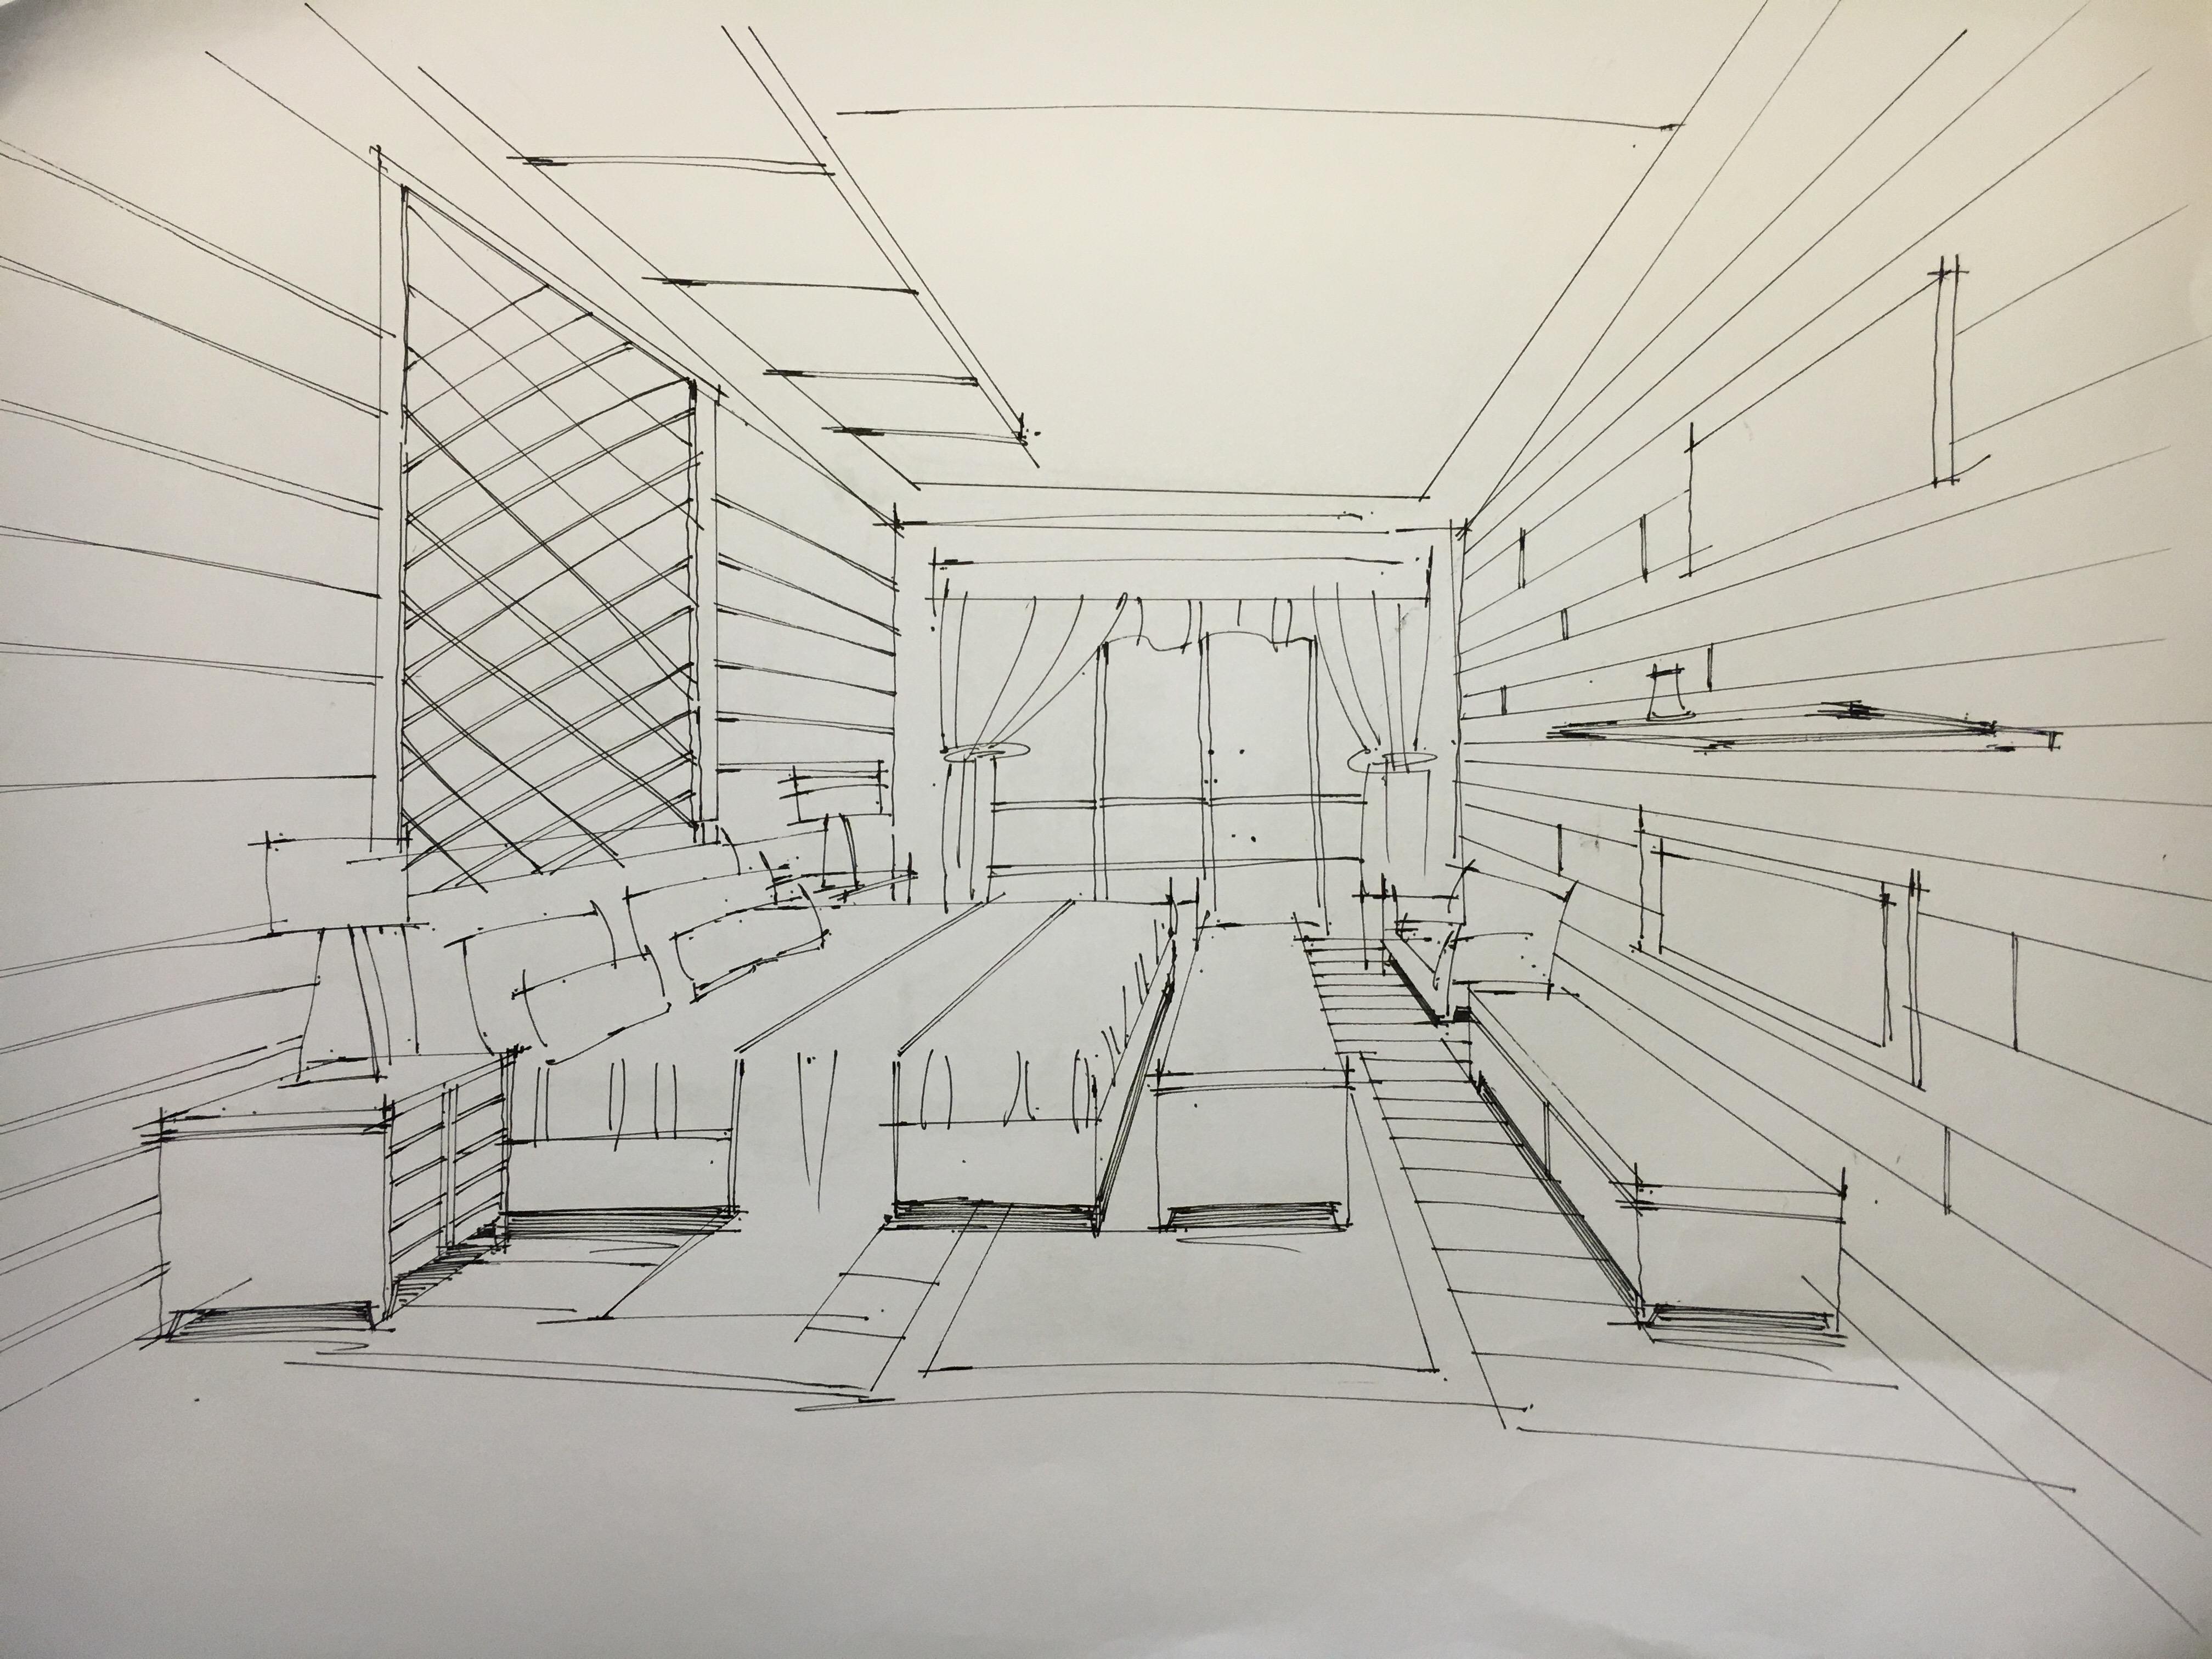 室内手绘线稿|空间|室内设计|zcl郑 - 原创作品